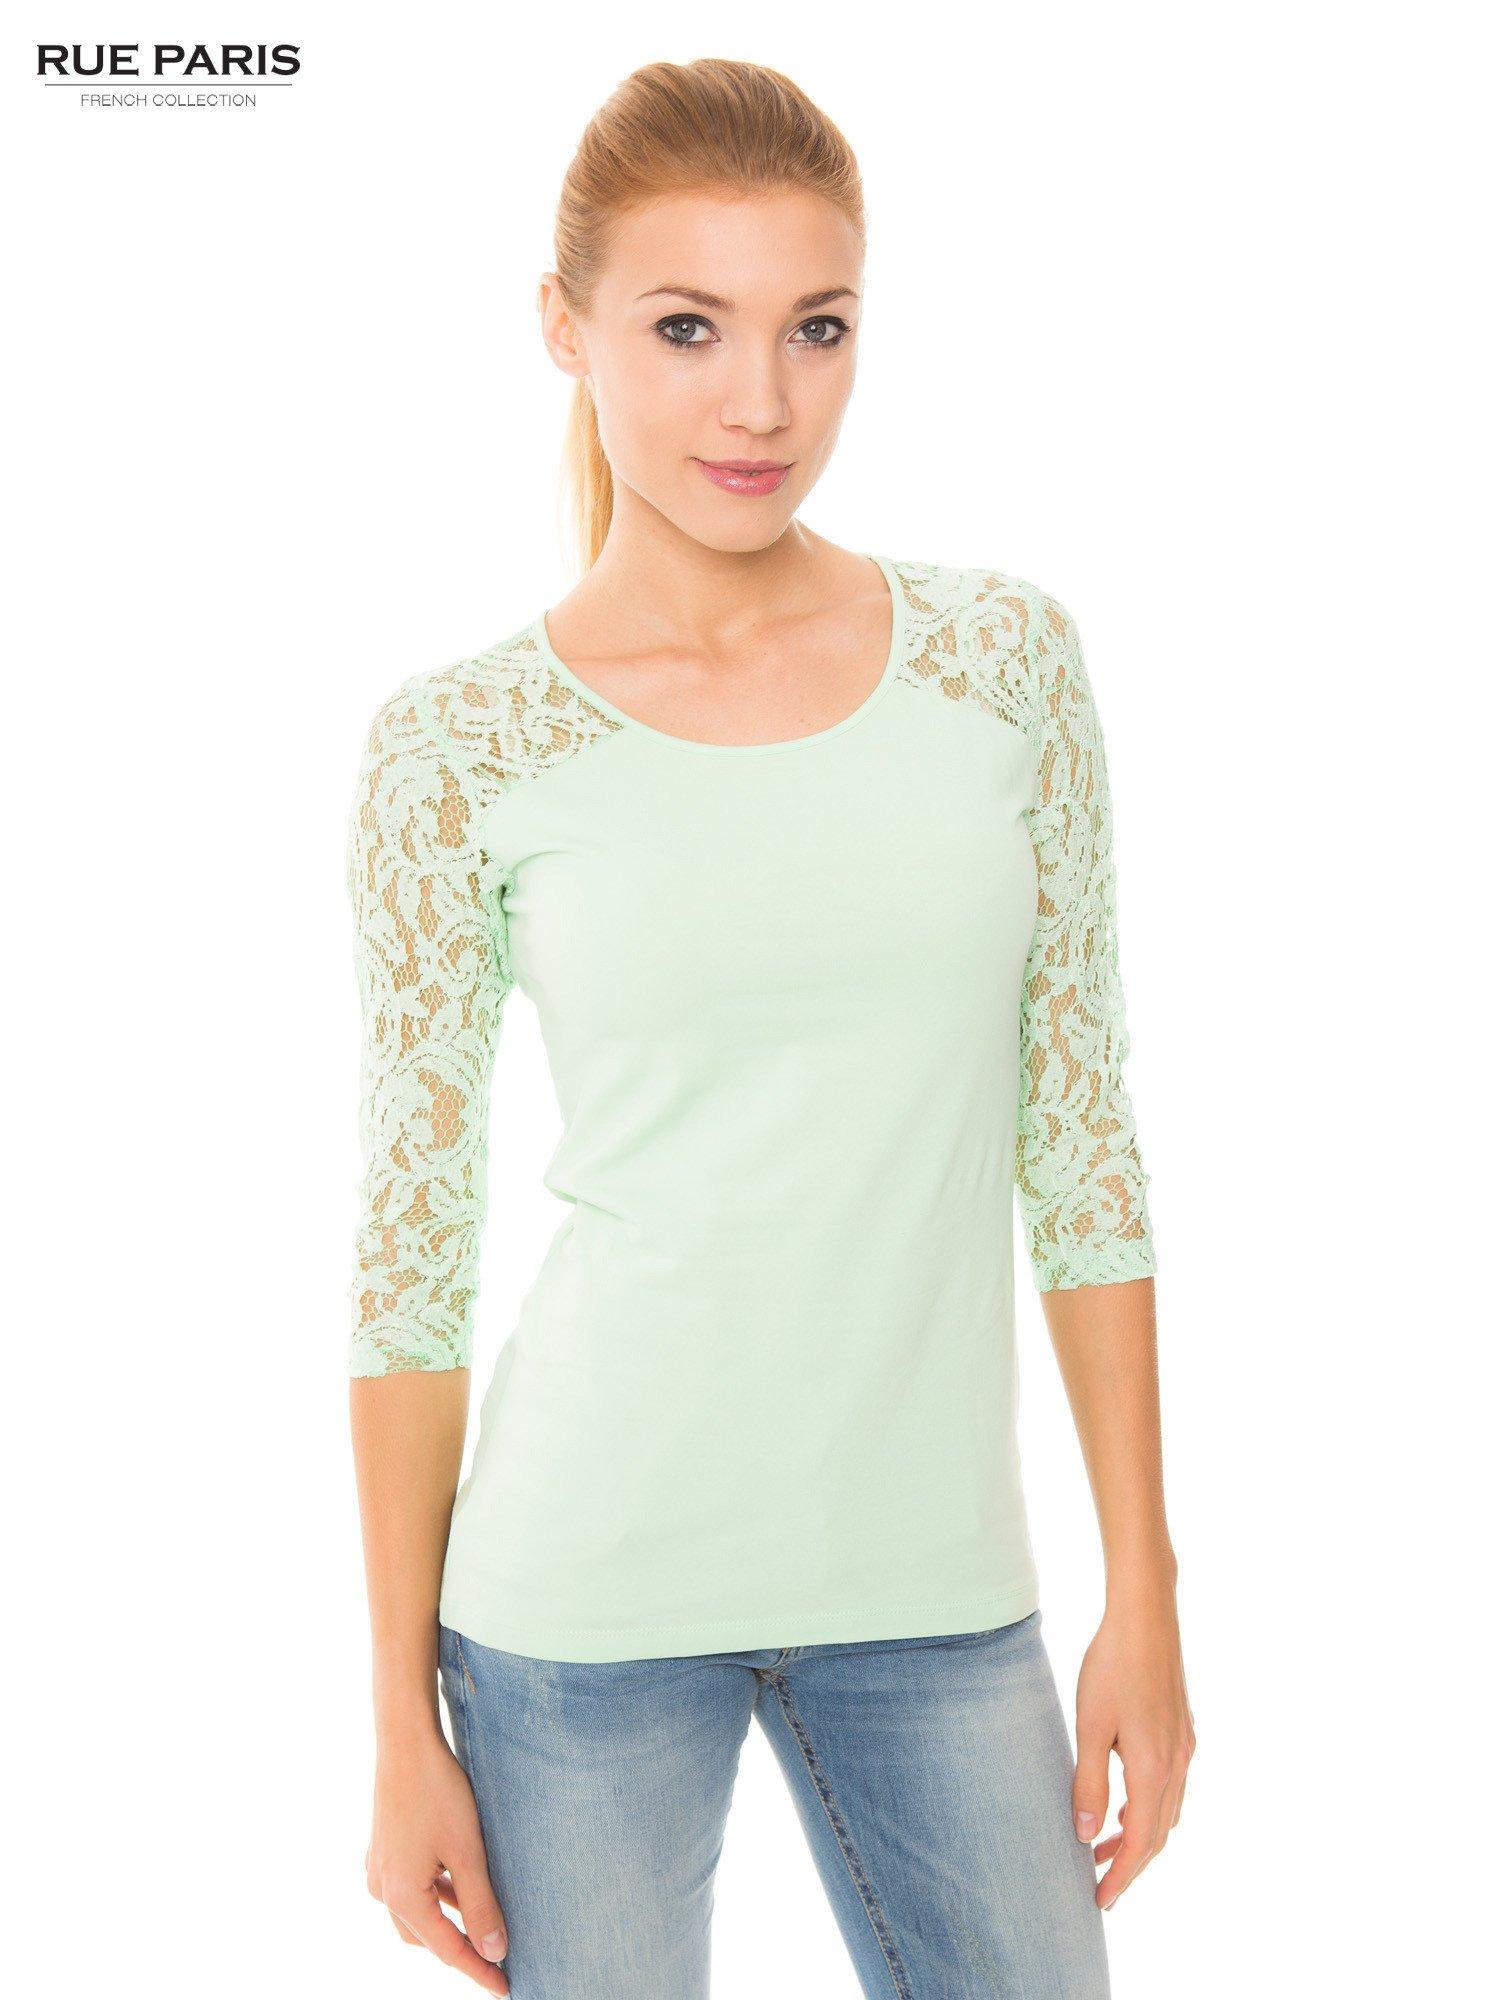 Jasnozielona bluzka z koronkowymi rękawami długości 3/4                                  zdj.                                  1